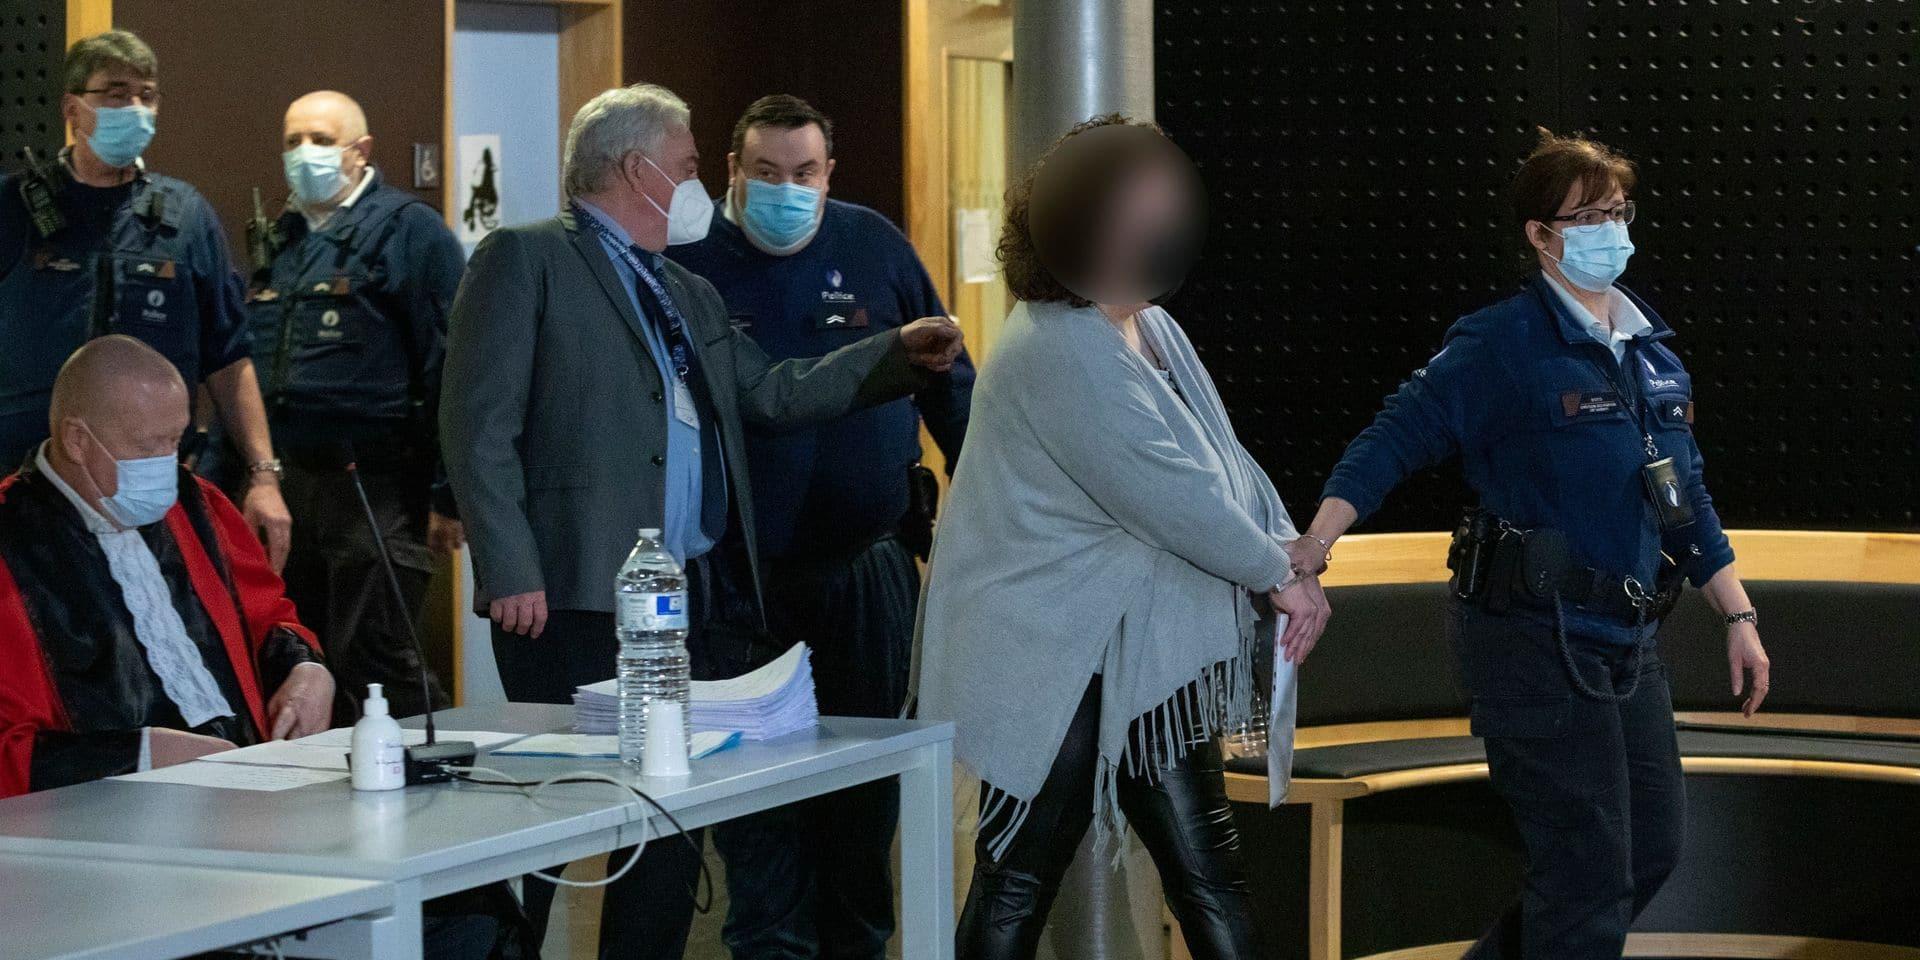 Assises Hainaut : Marjorie Leclercq décrite comme une femme plaintive et autocentrée par les experts